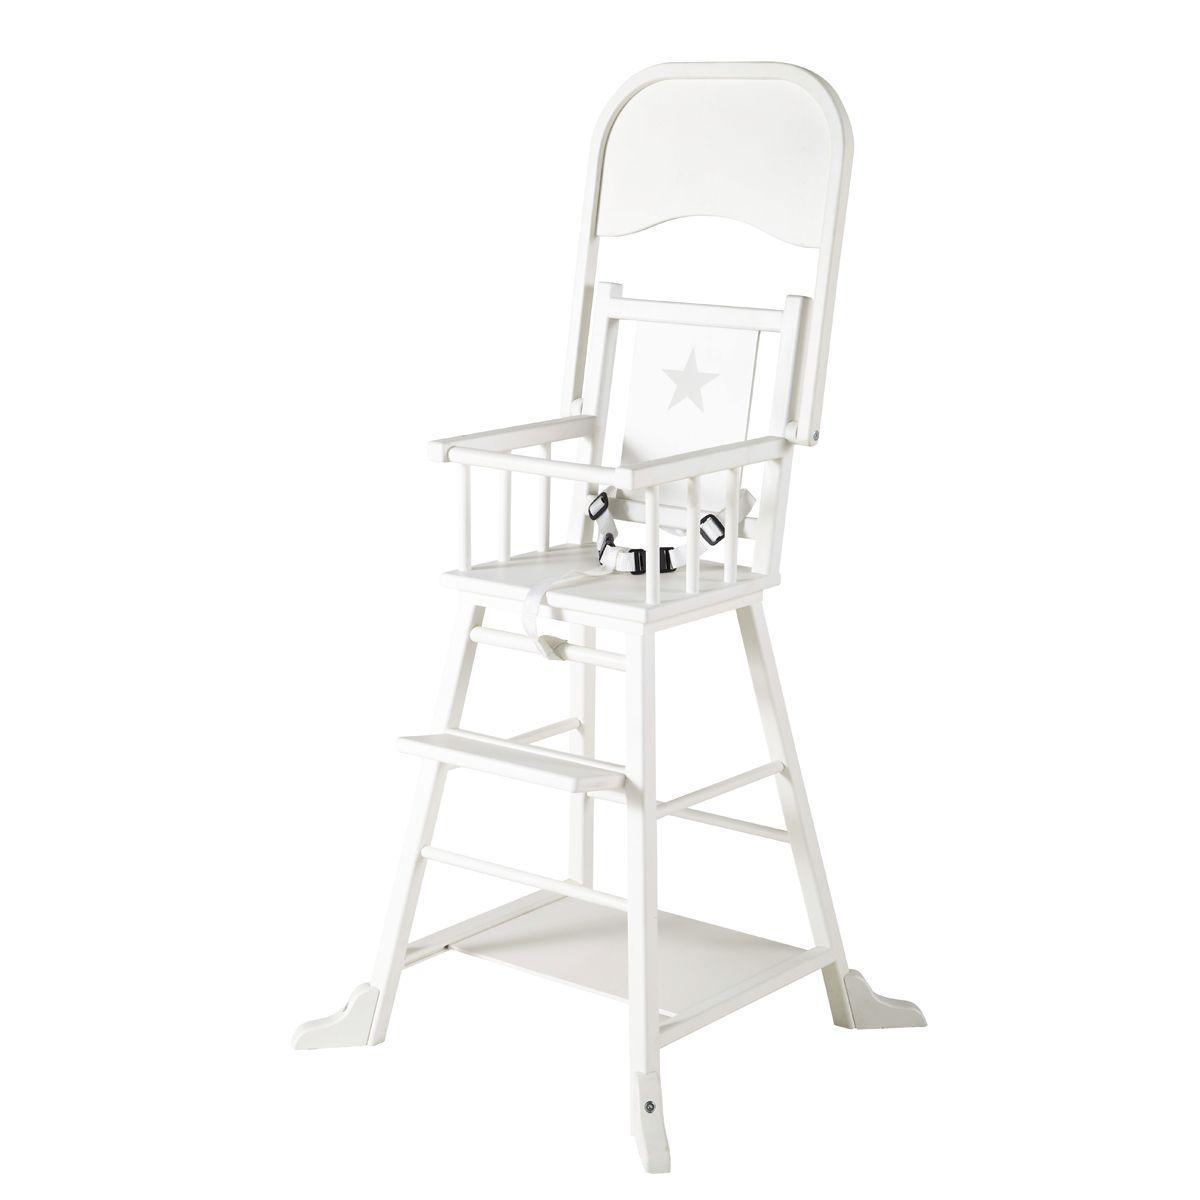 chaise haute pour bebe blanche songe